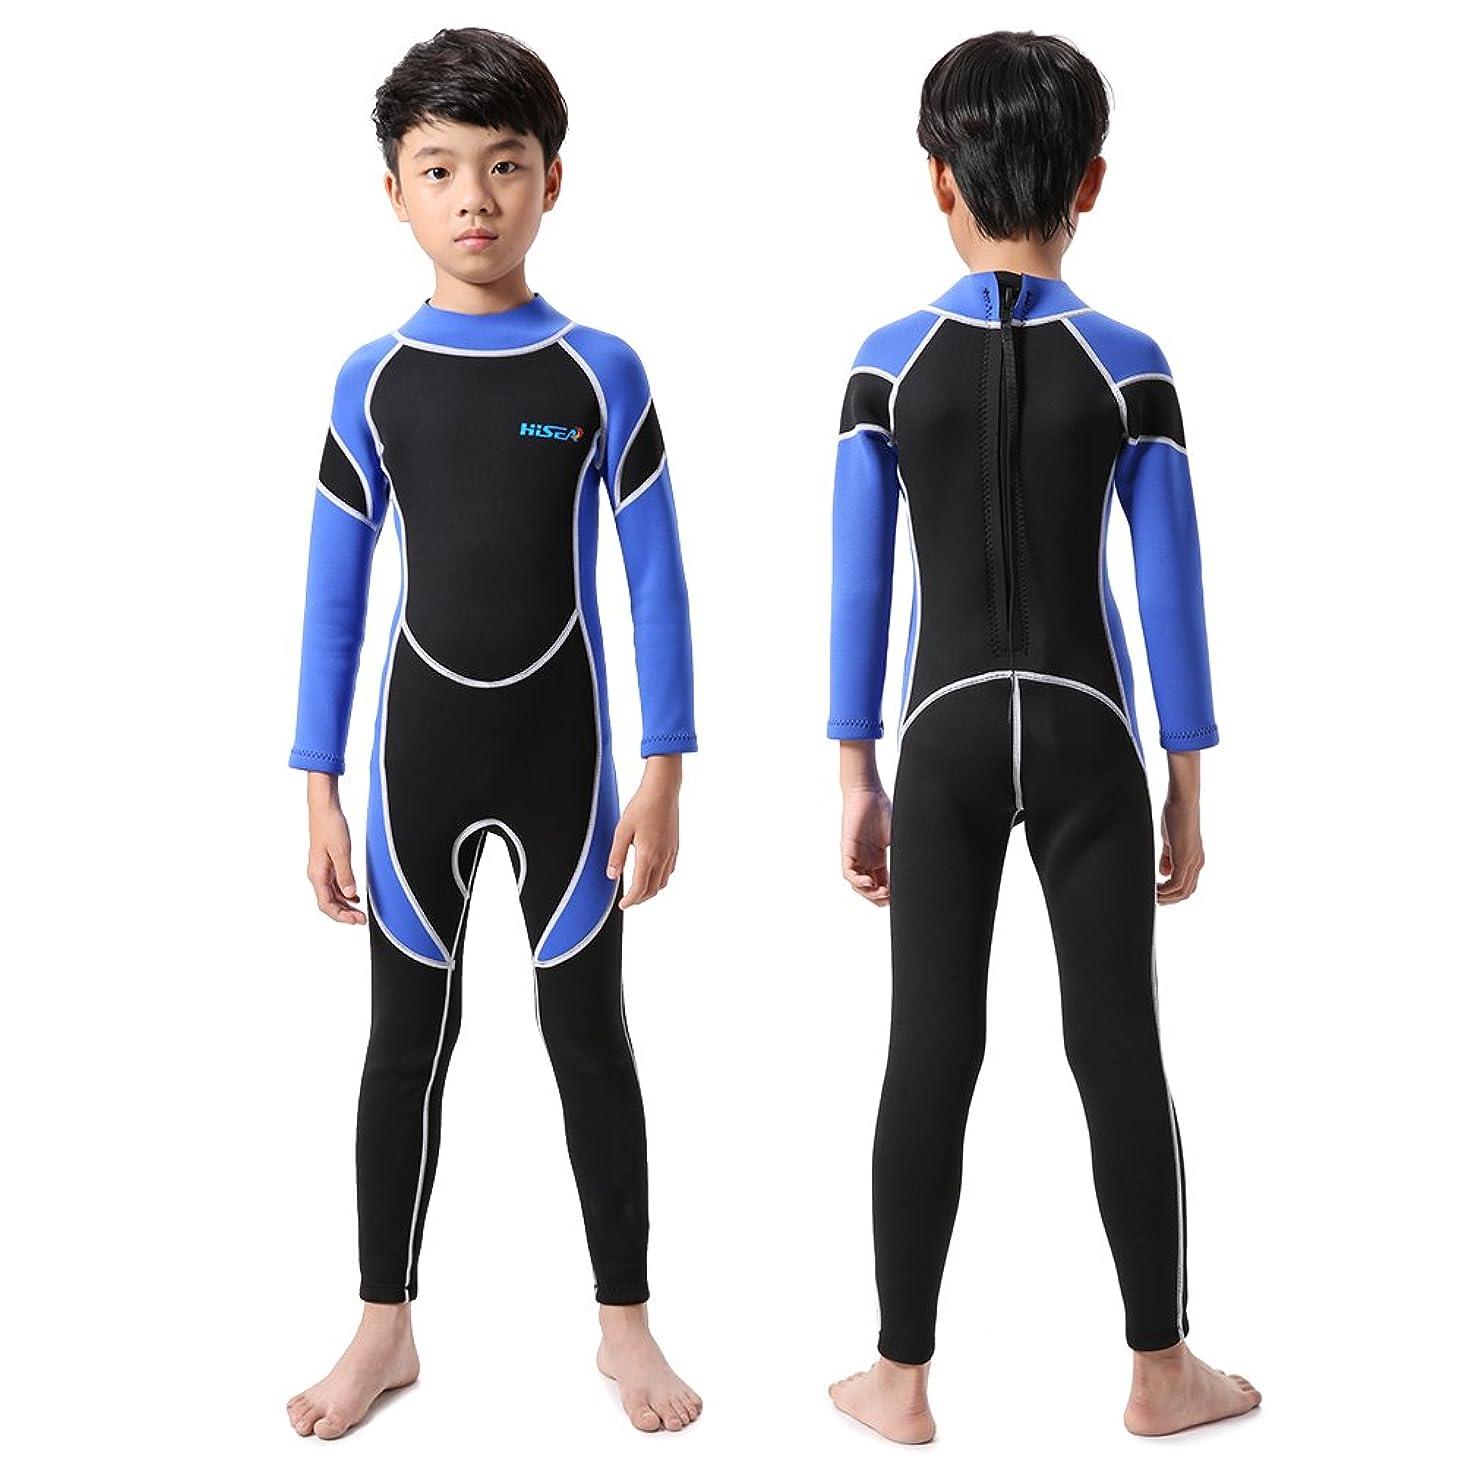 コンパス検証カウボーイLIXADA ウェットスーツ 子供用 ワンピース 防寒保温連体 長袖ダイビング キッズ 海遊び パドリングウェア